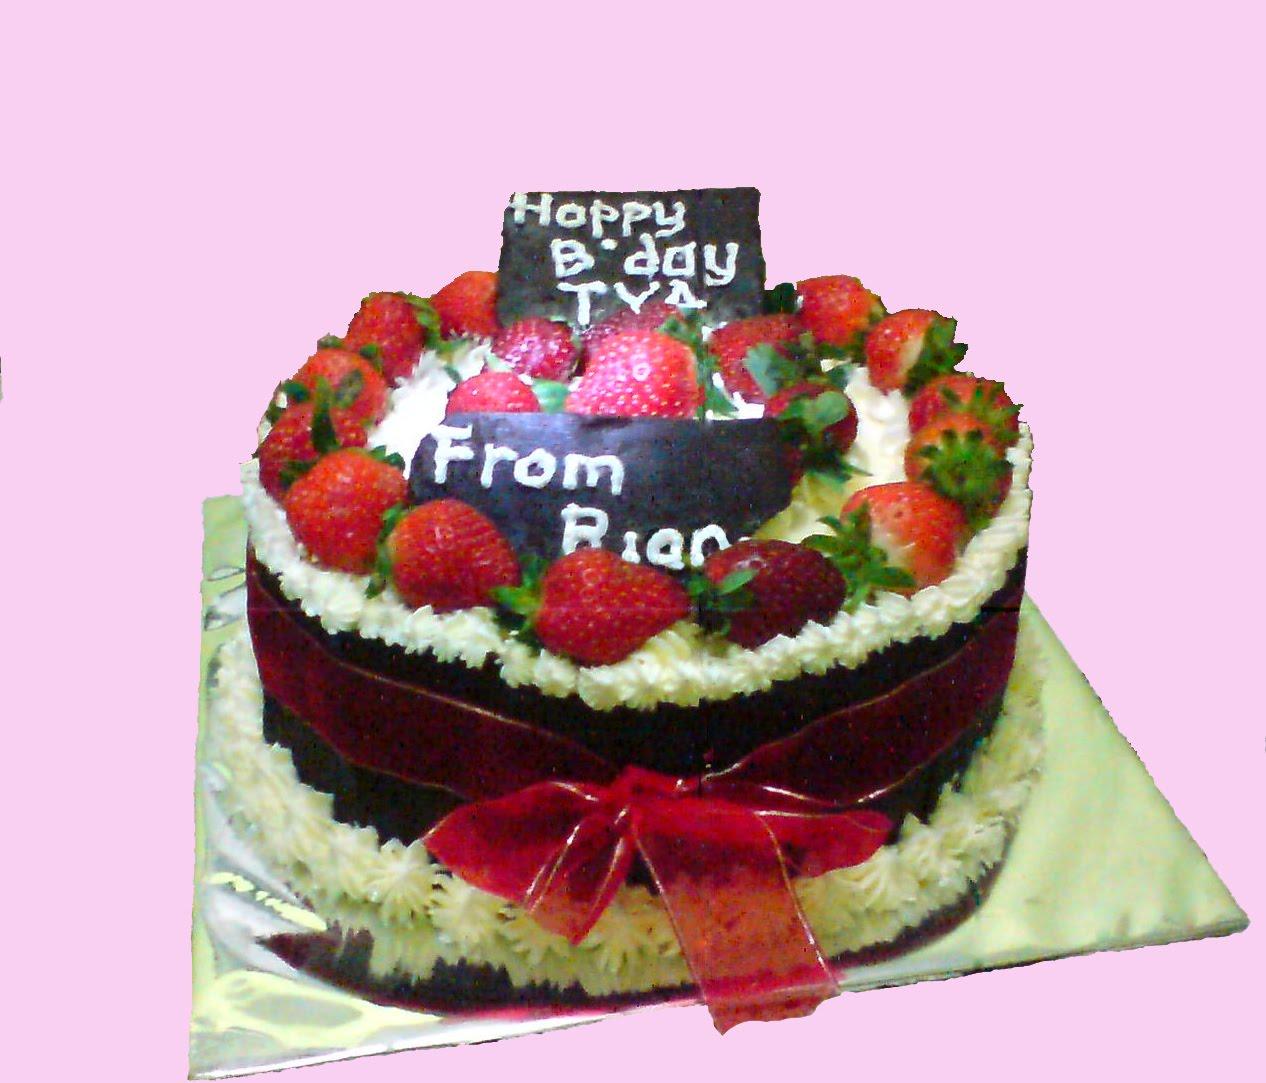 Kue tart dibuat dengan dua lapis kue coklat yang dihiasi dengan